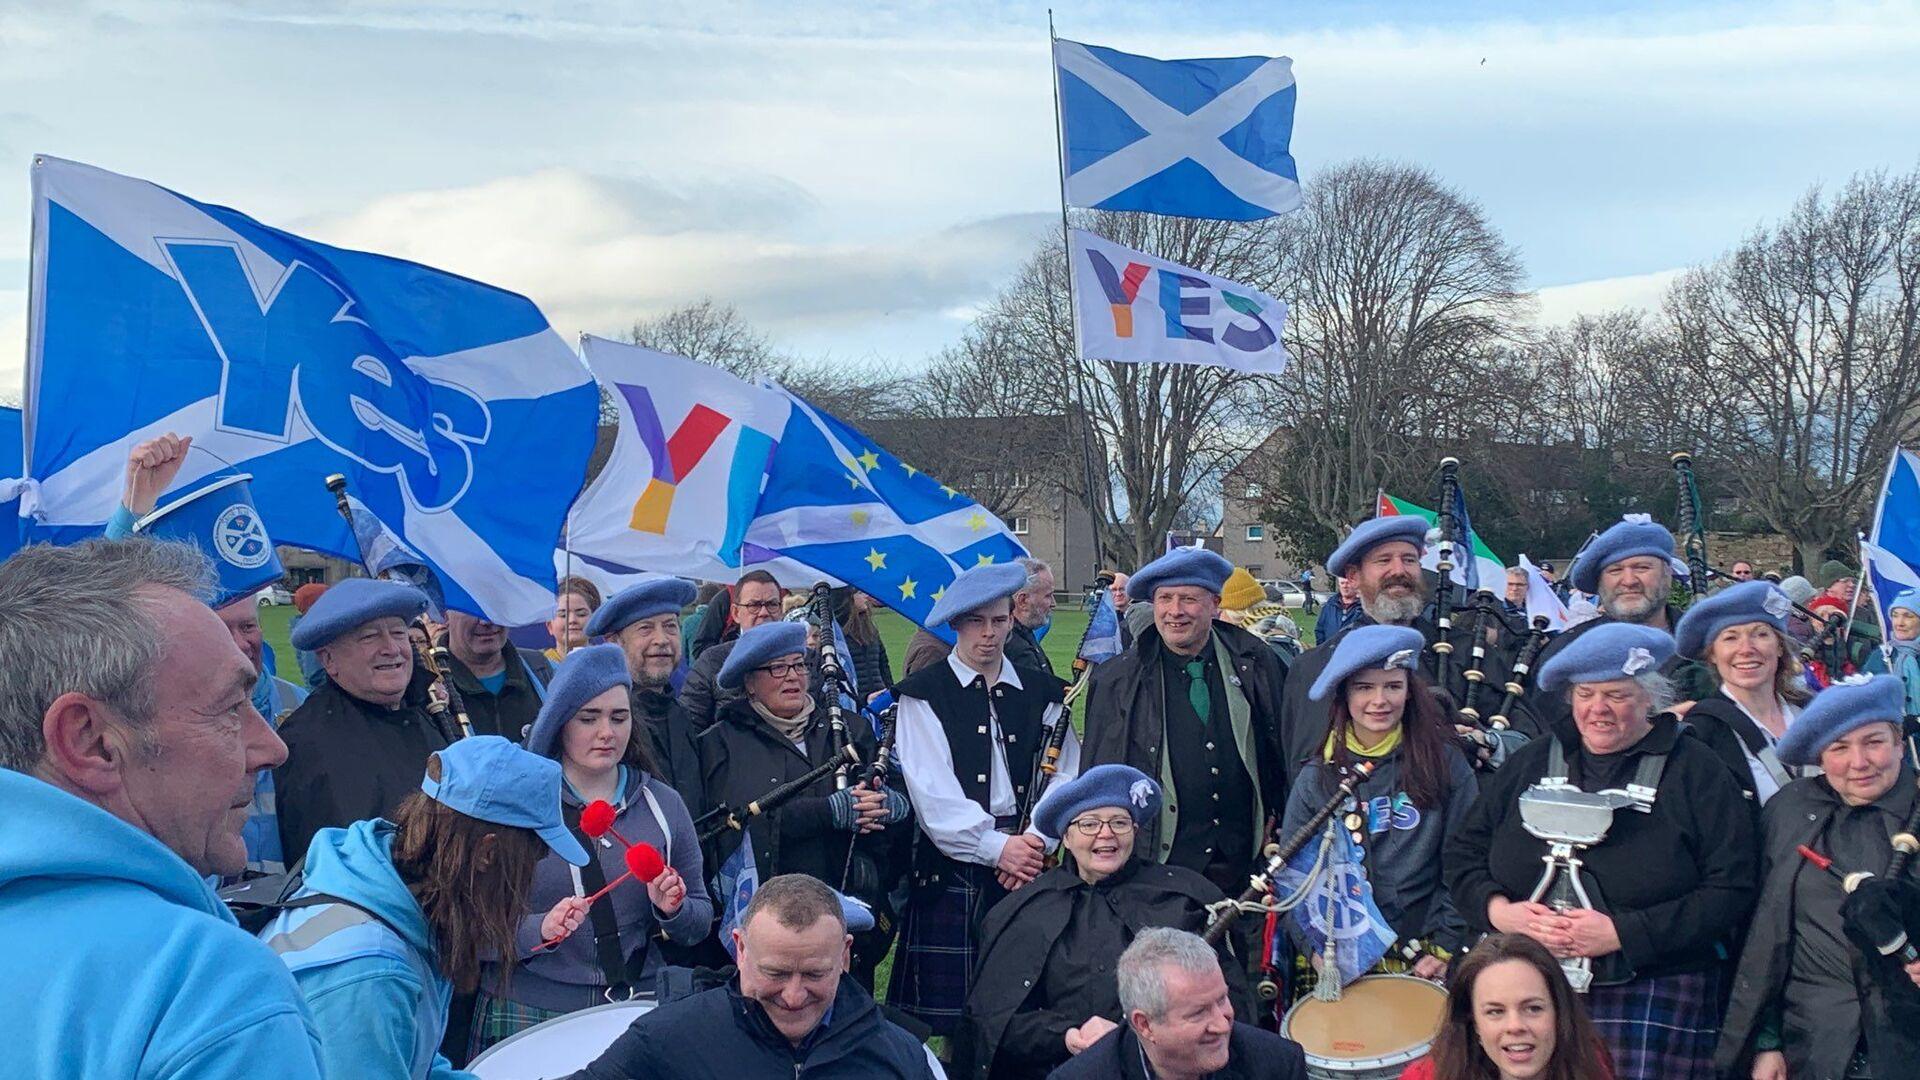 Freedom March for Scottish Independence in Inverness, the Scottish Highlands - Sputnik International, 1920, 13.09.2021